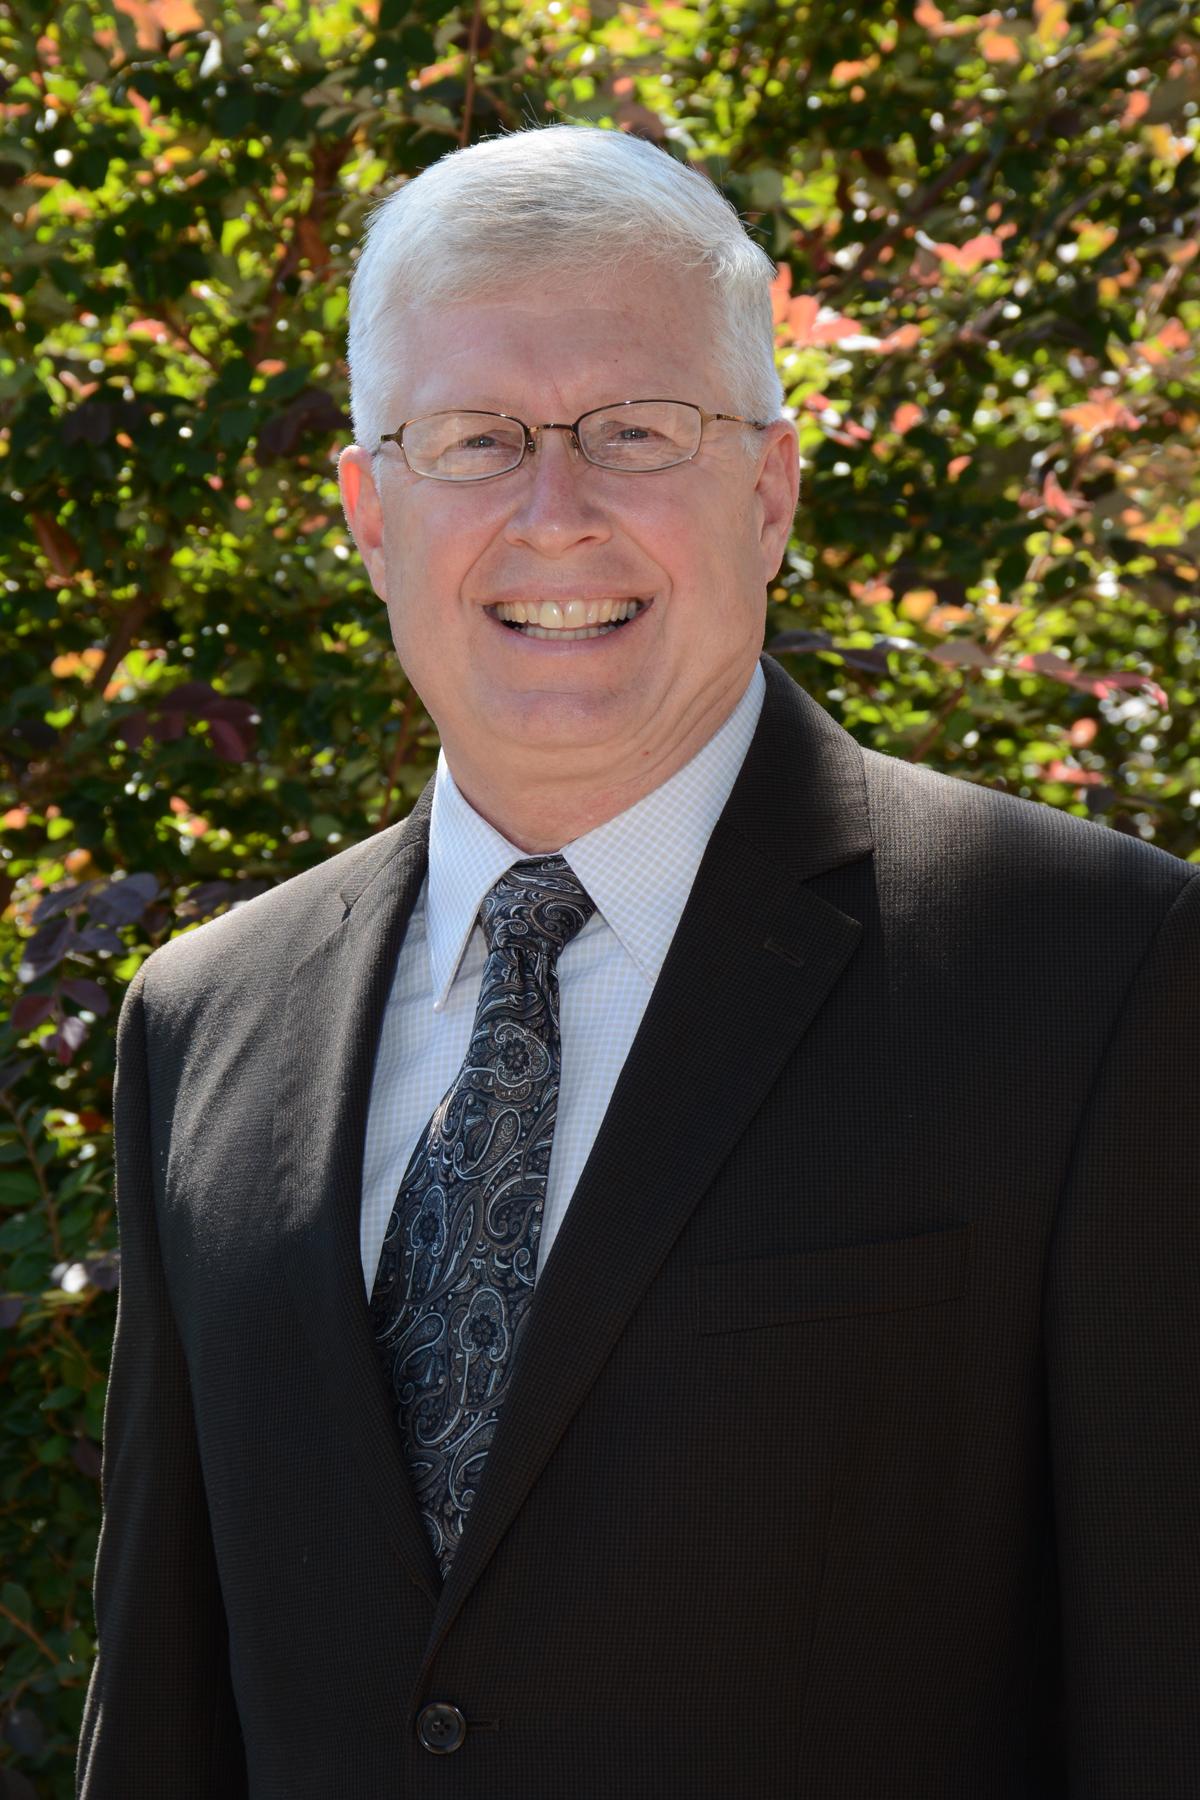 Rev. Thomas C. Waynick, M.Div., MS, MSS, LMFT